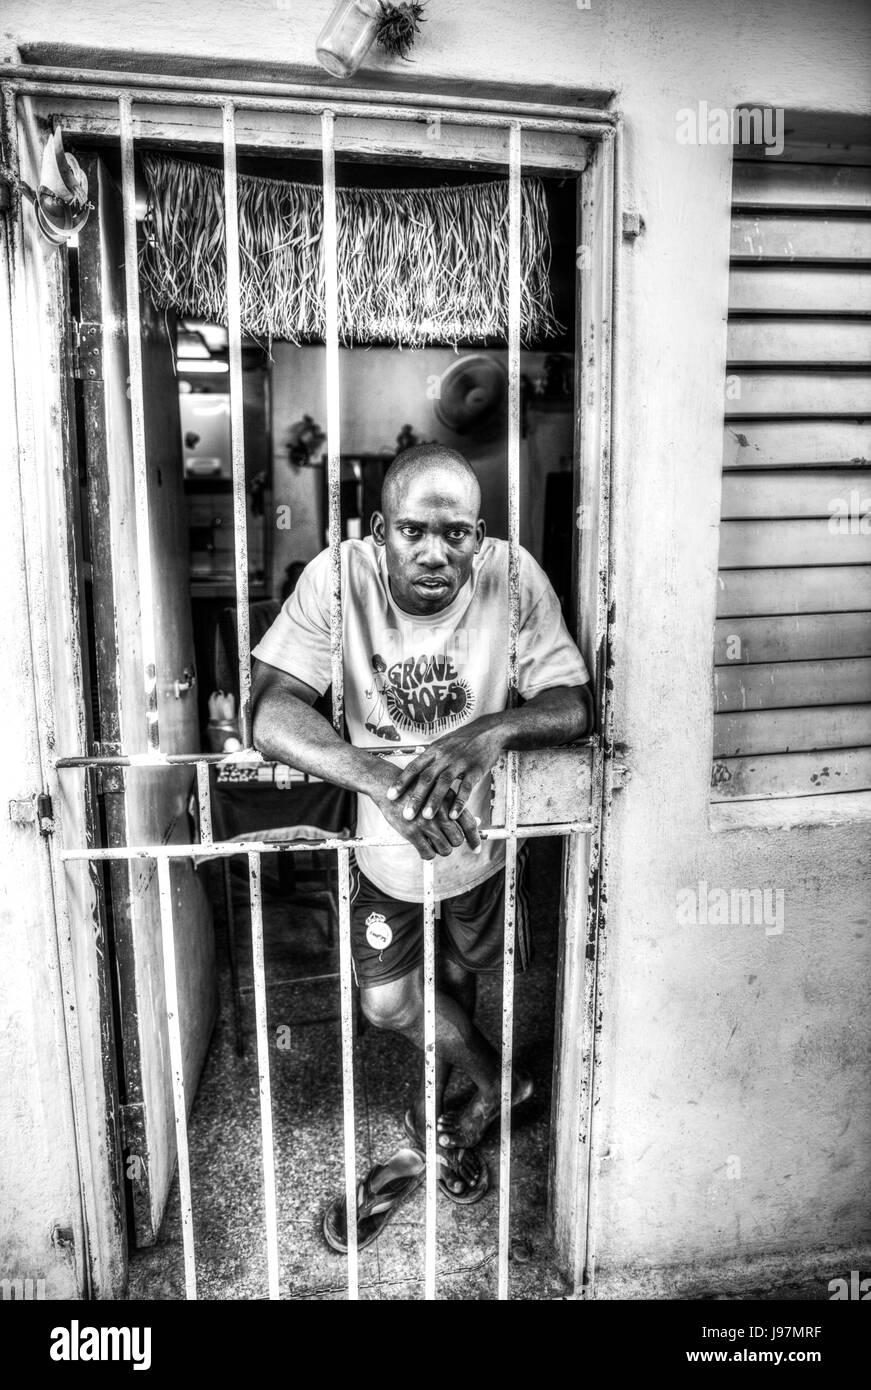 Hombre Afro Cubano se situó en la puerta de casa, pobre hombre, pobre cubano, la pobreza, la pobreza de Cuba Imagen De Stock